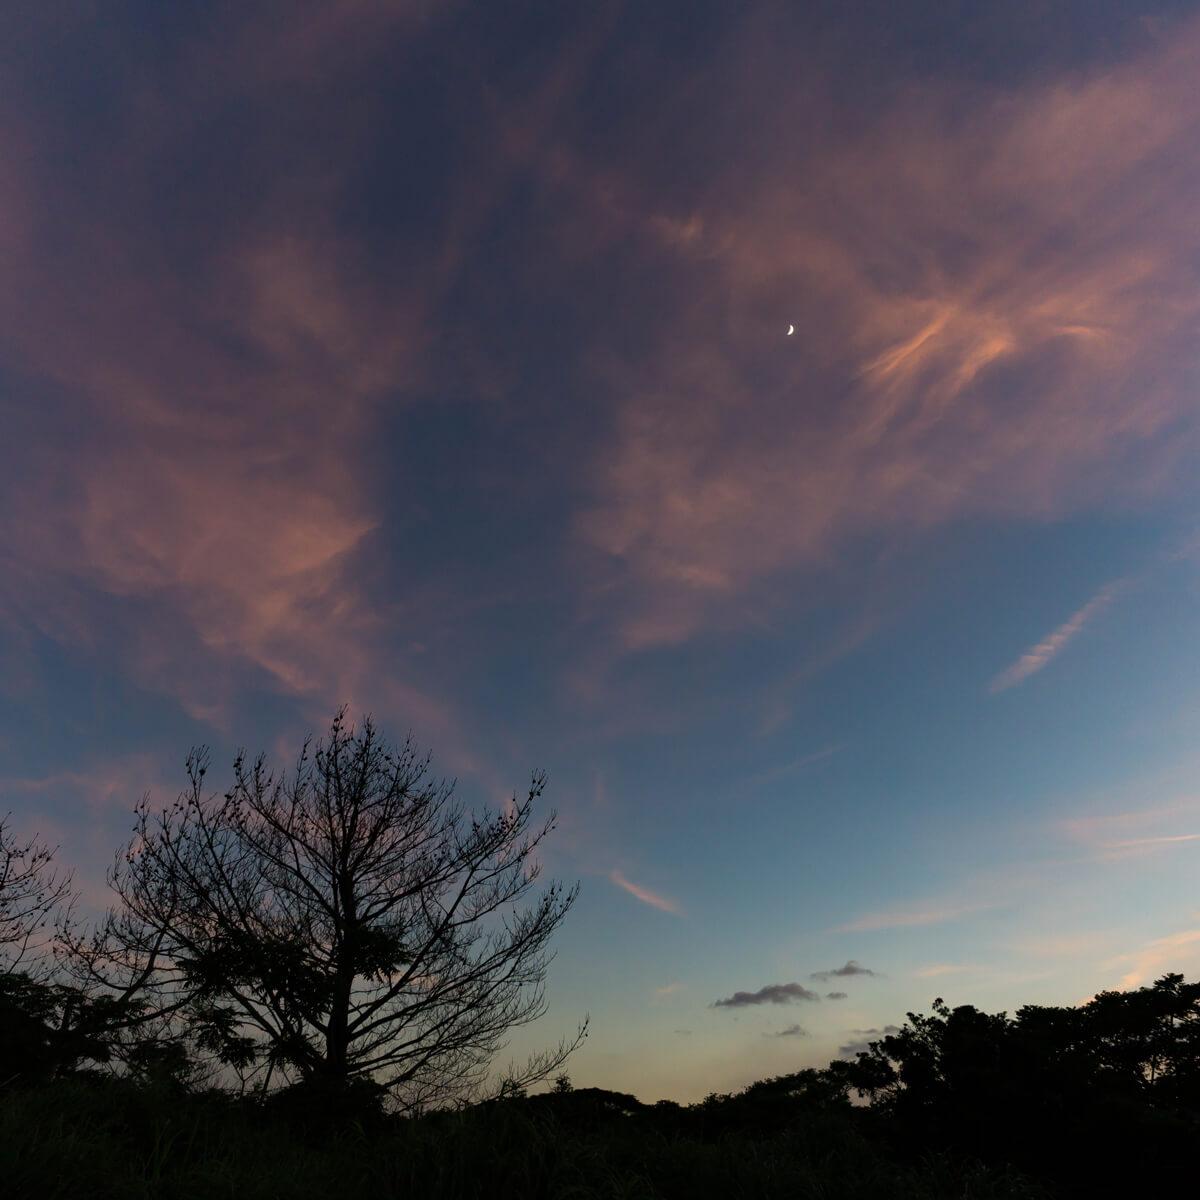 夕暮れ時の空、夕焼け 三日月 屋久島日々の暮らしとジュエリー オーダーメイド結婚指輪のモチーフ